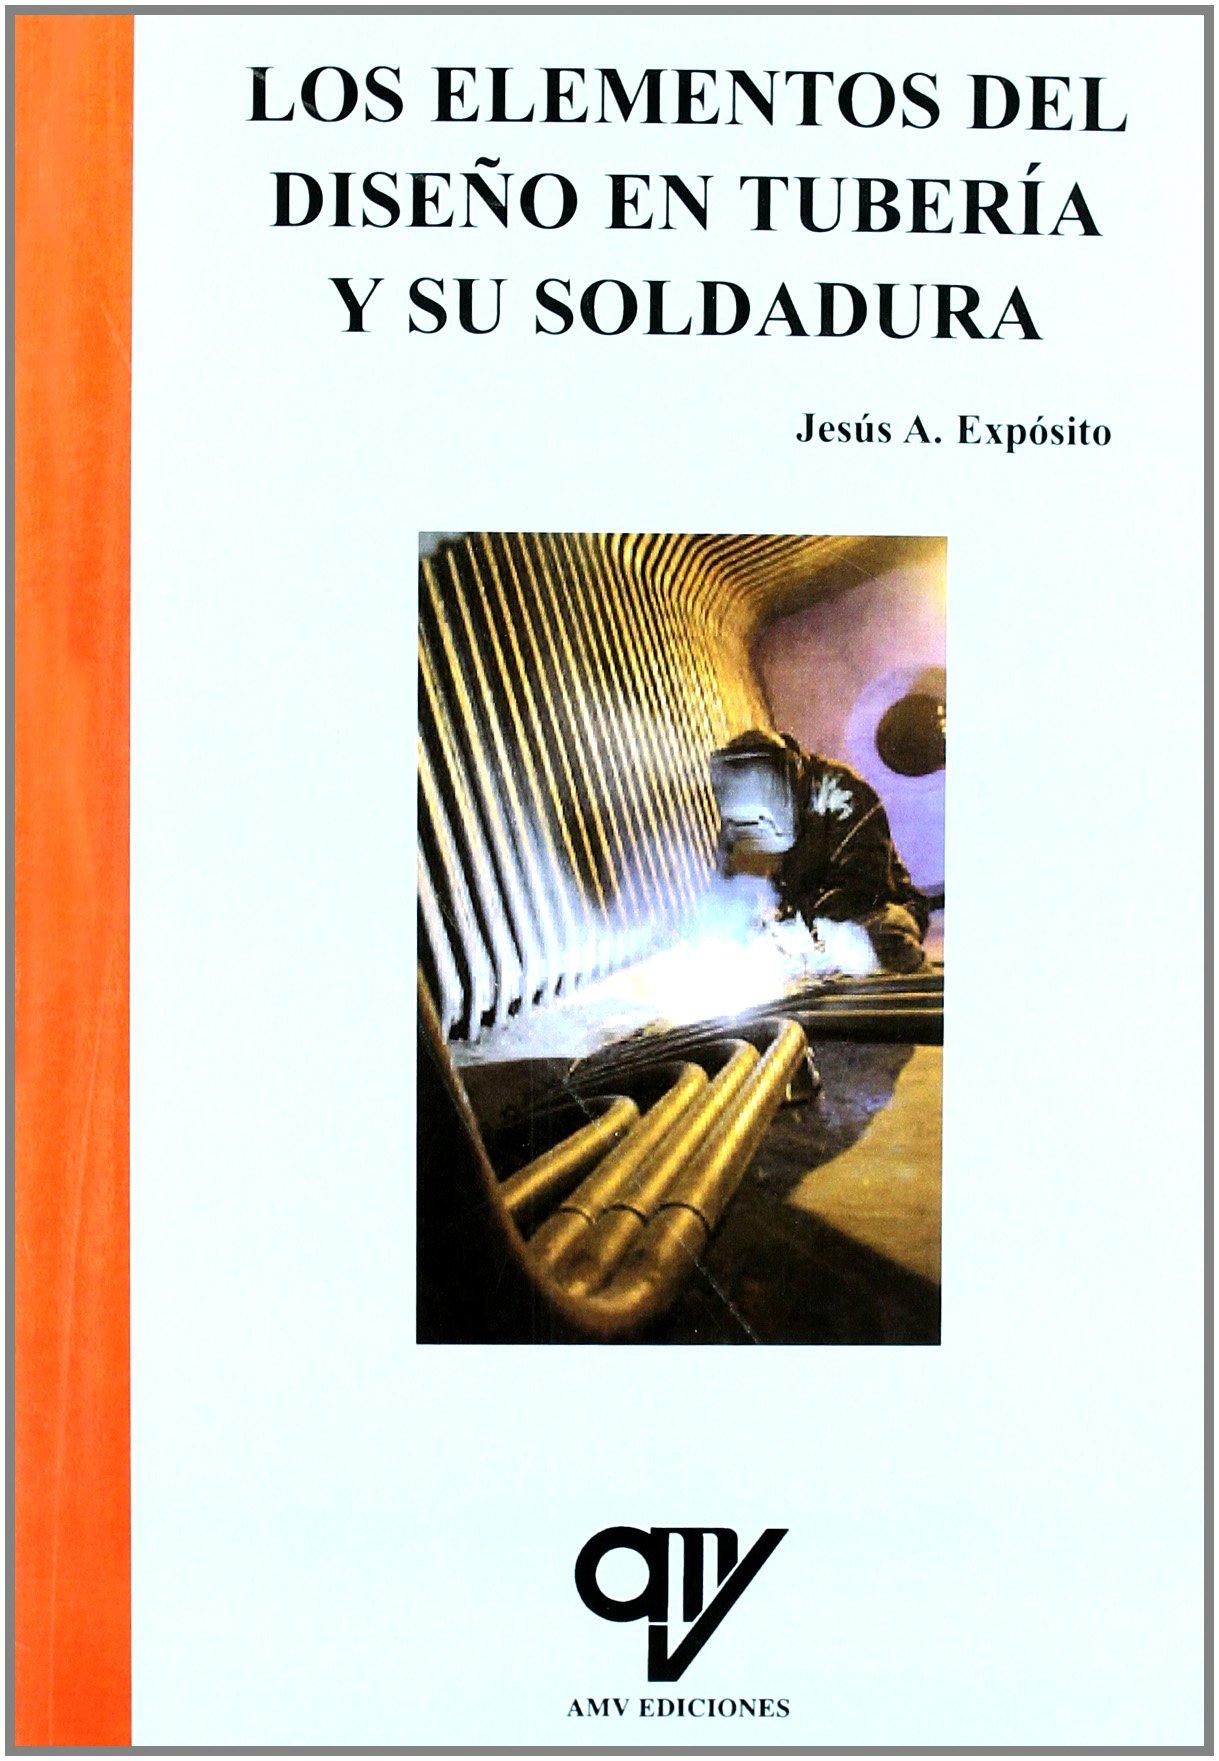 Los elementos del diseño en tubería y su soldadura [Jan 01, 2010] Jesús A. Expósito: 9788496709454: Amazon.com: Books